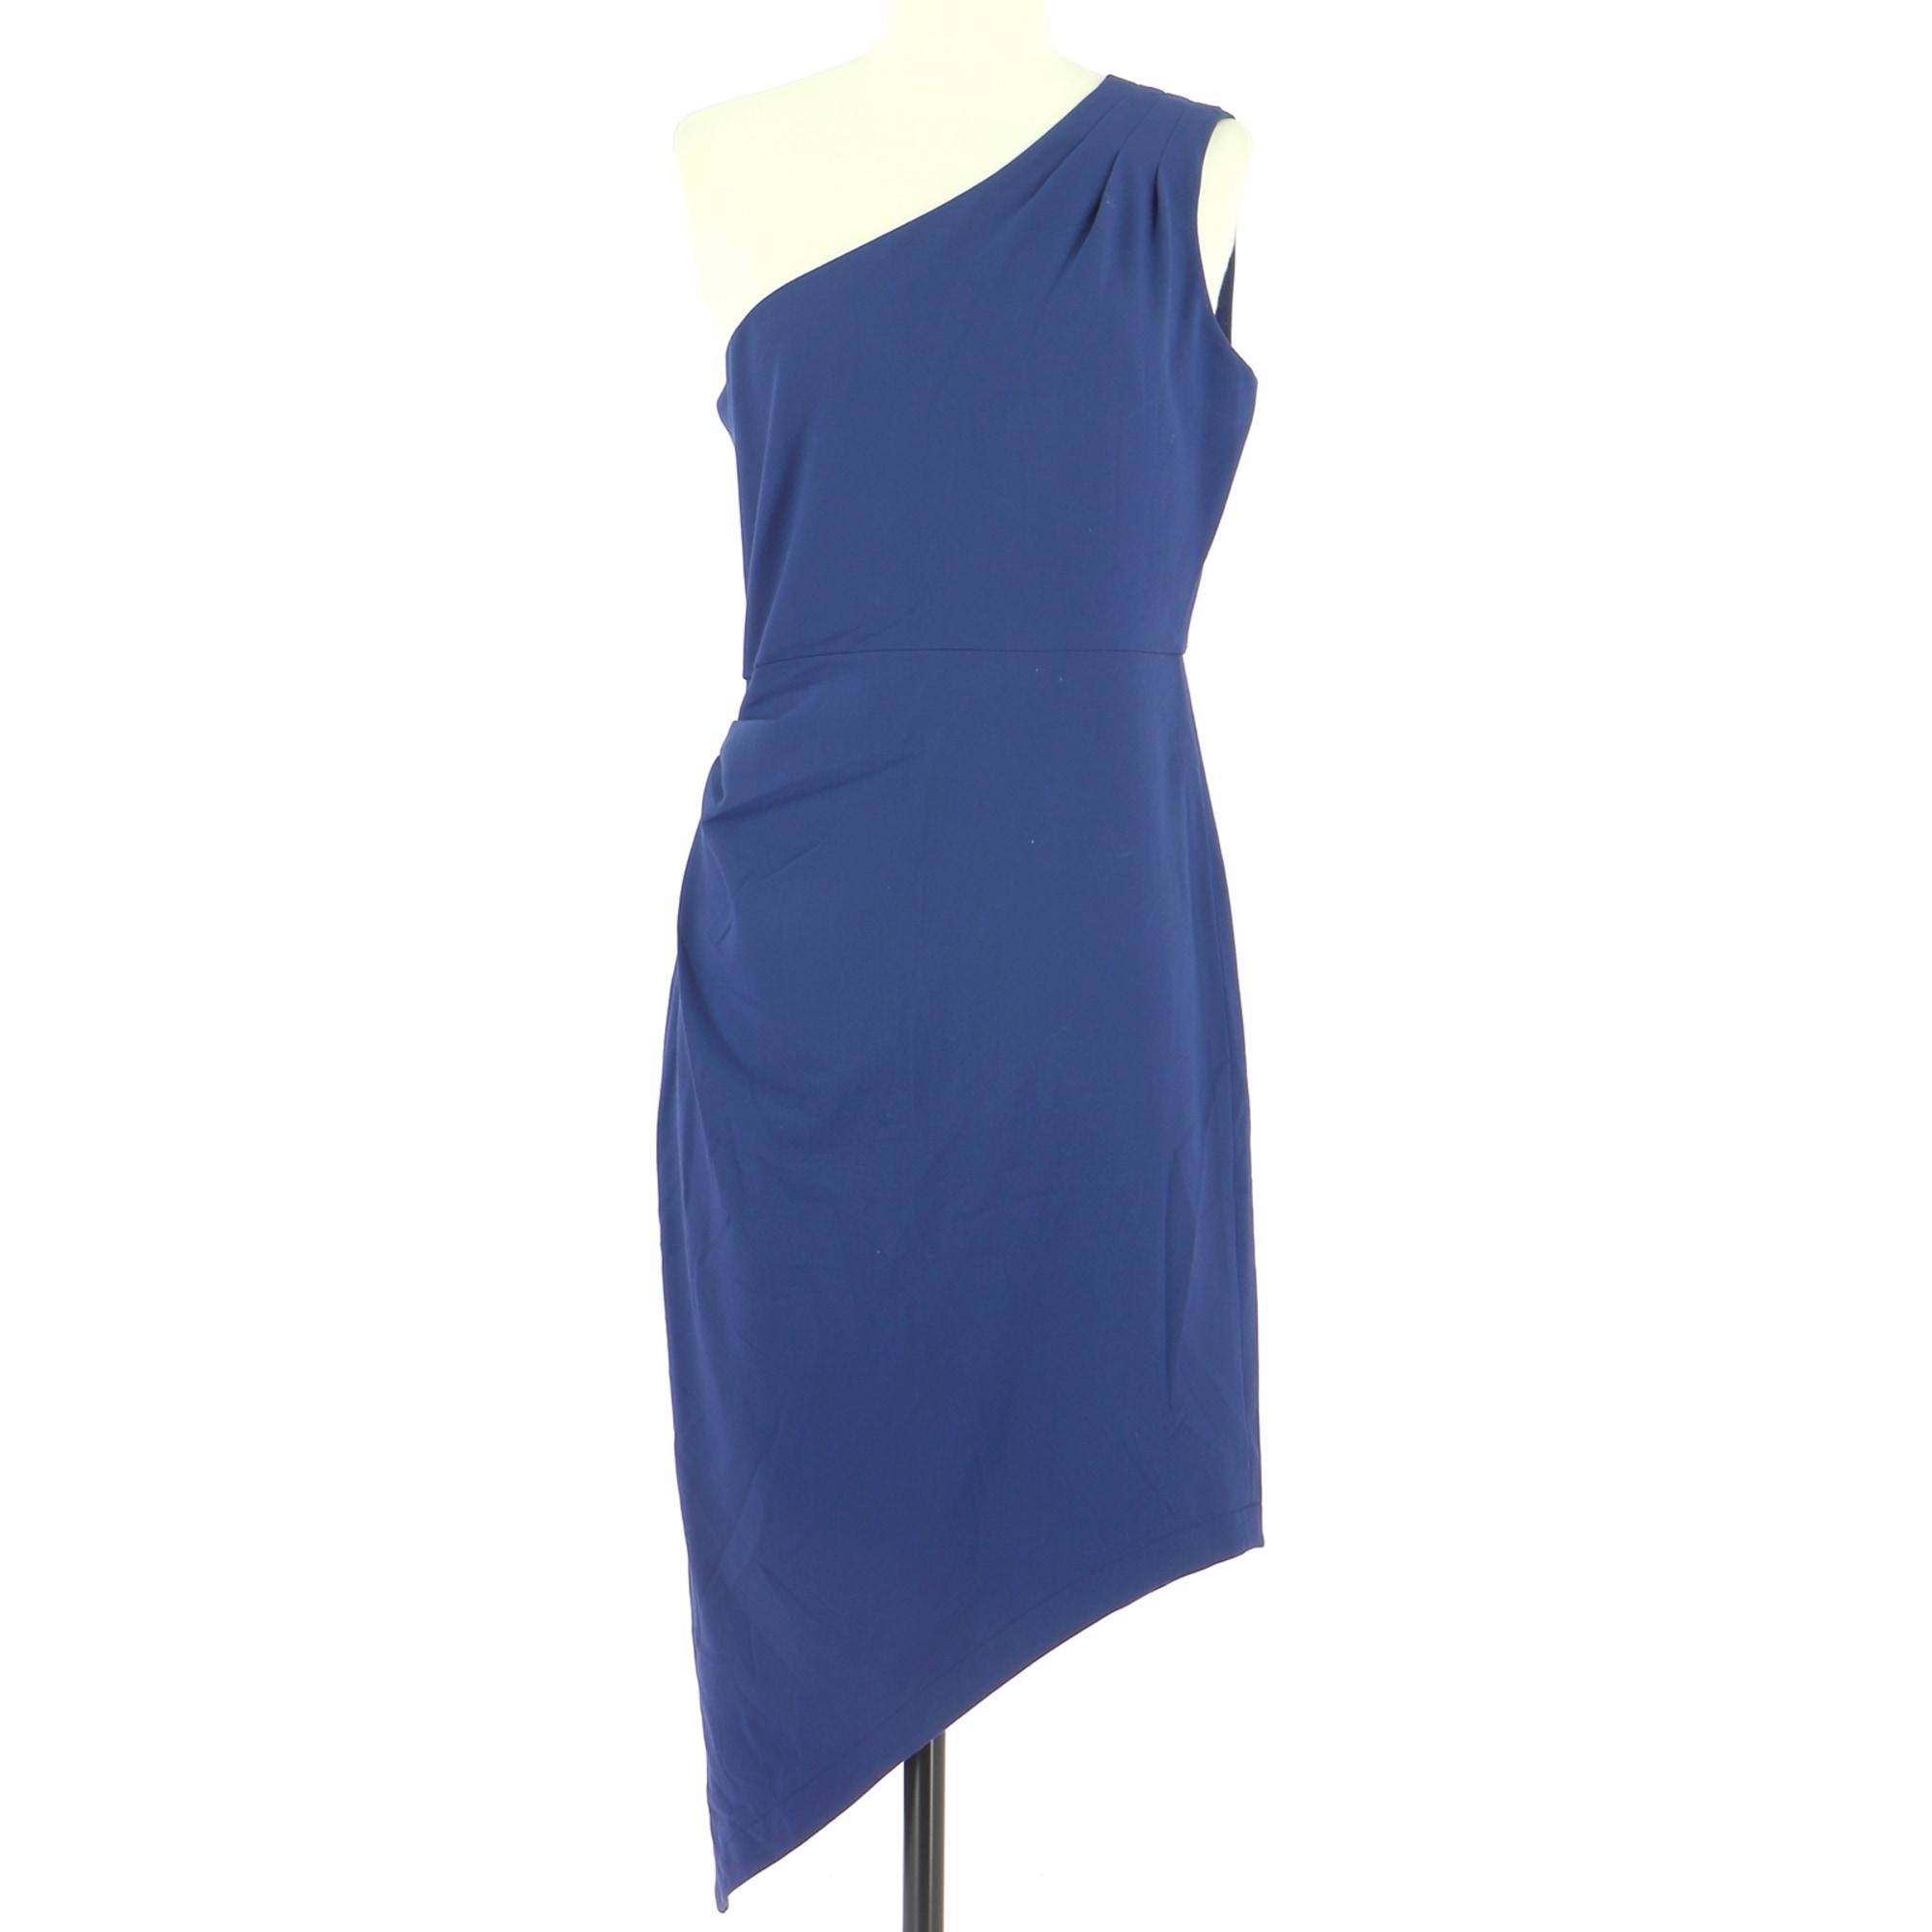 Robe mi-longue BCBG MAX AZRIA Bleu, bleu marine, bleu turquoise